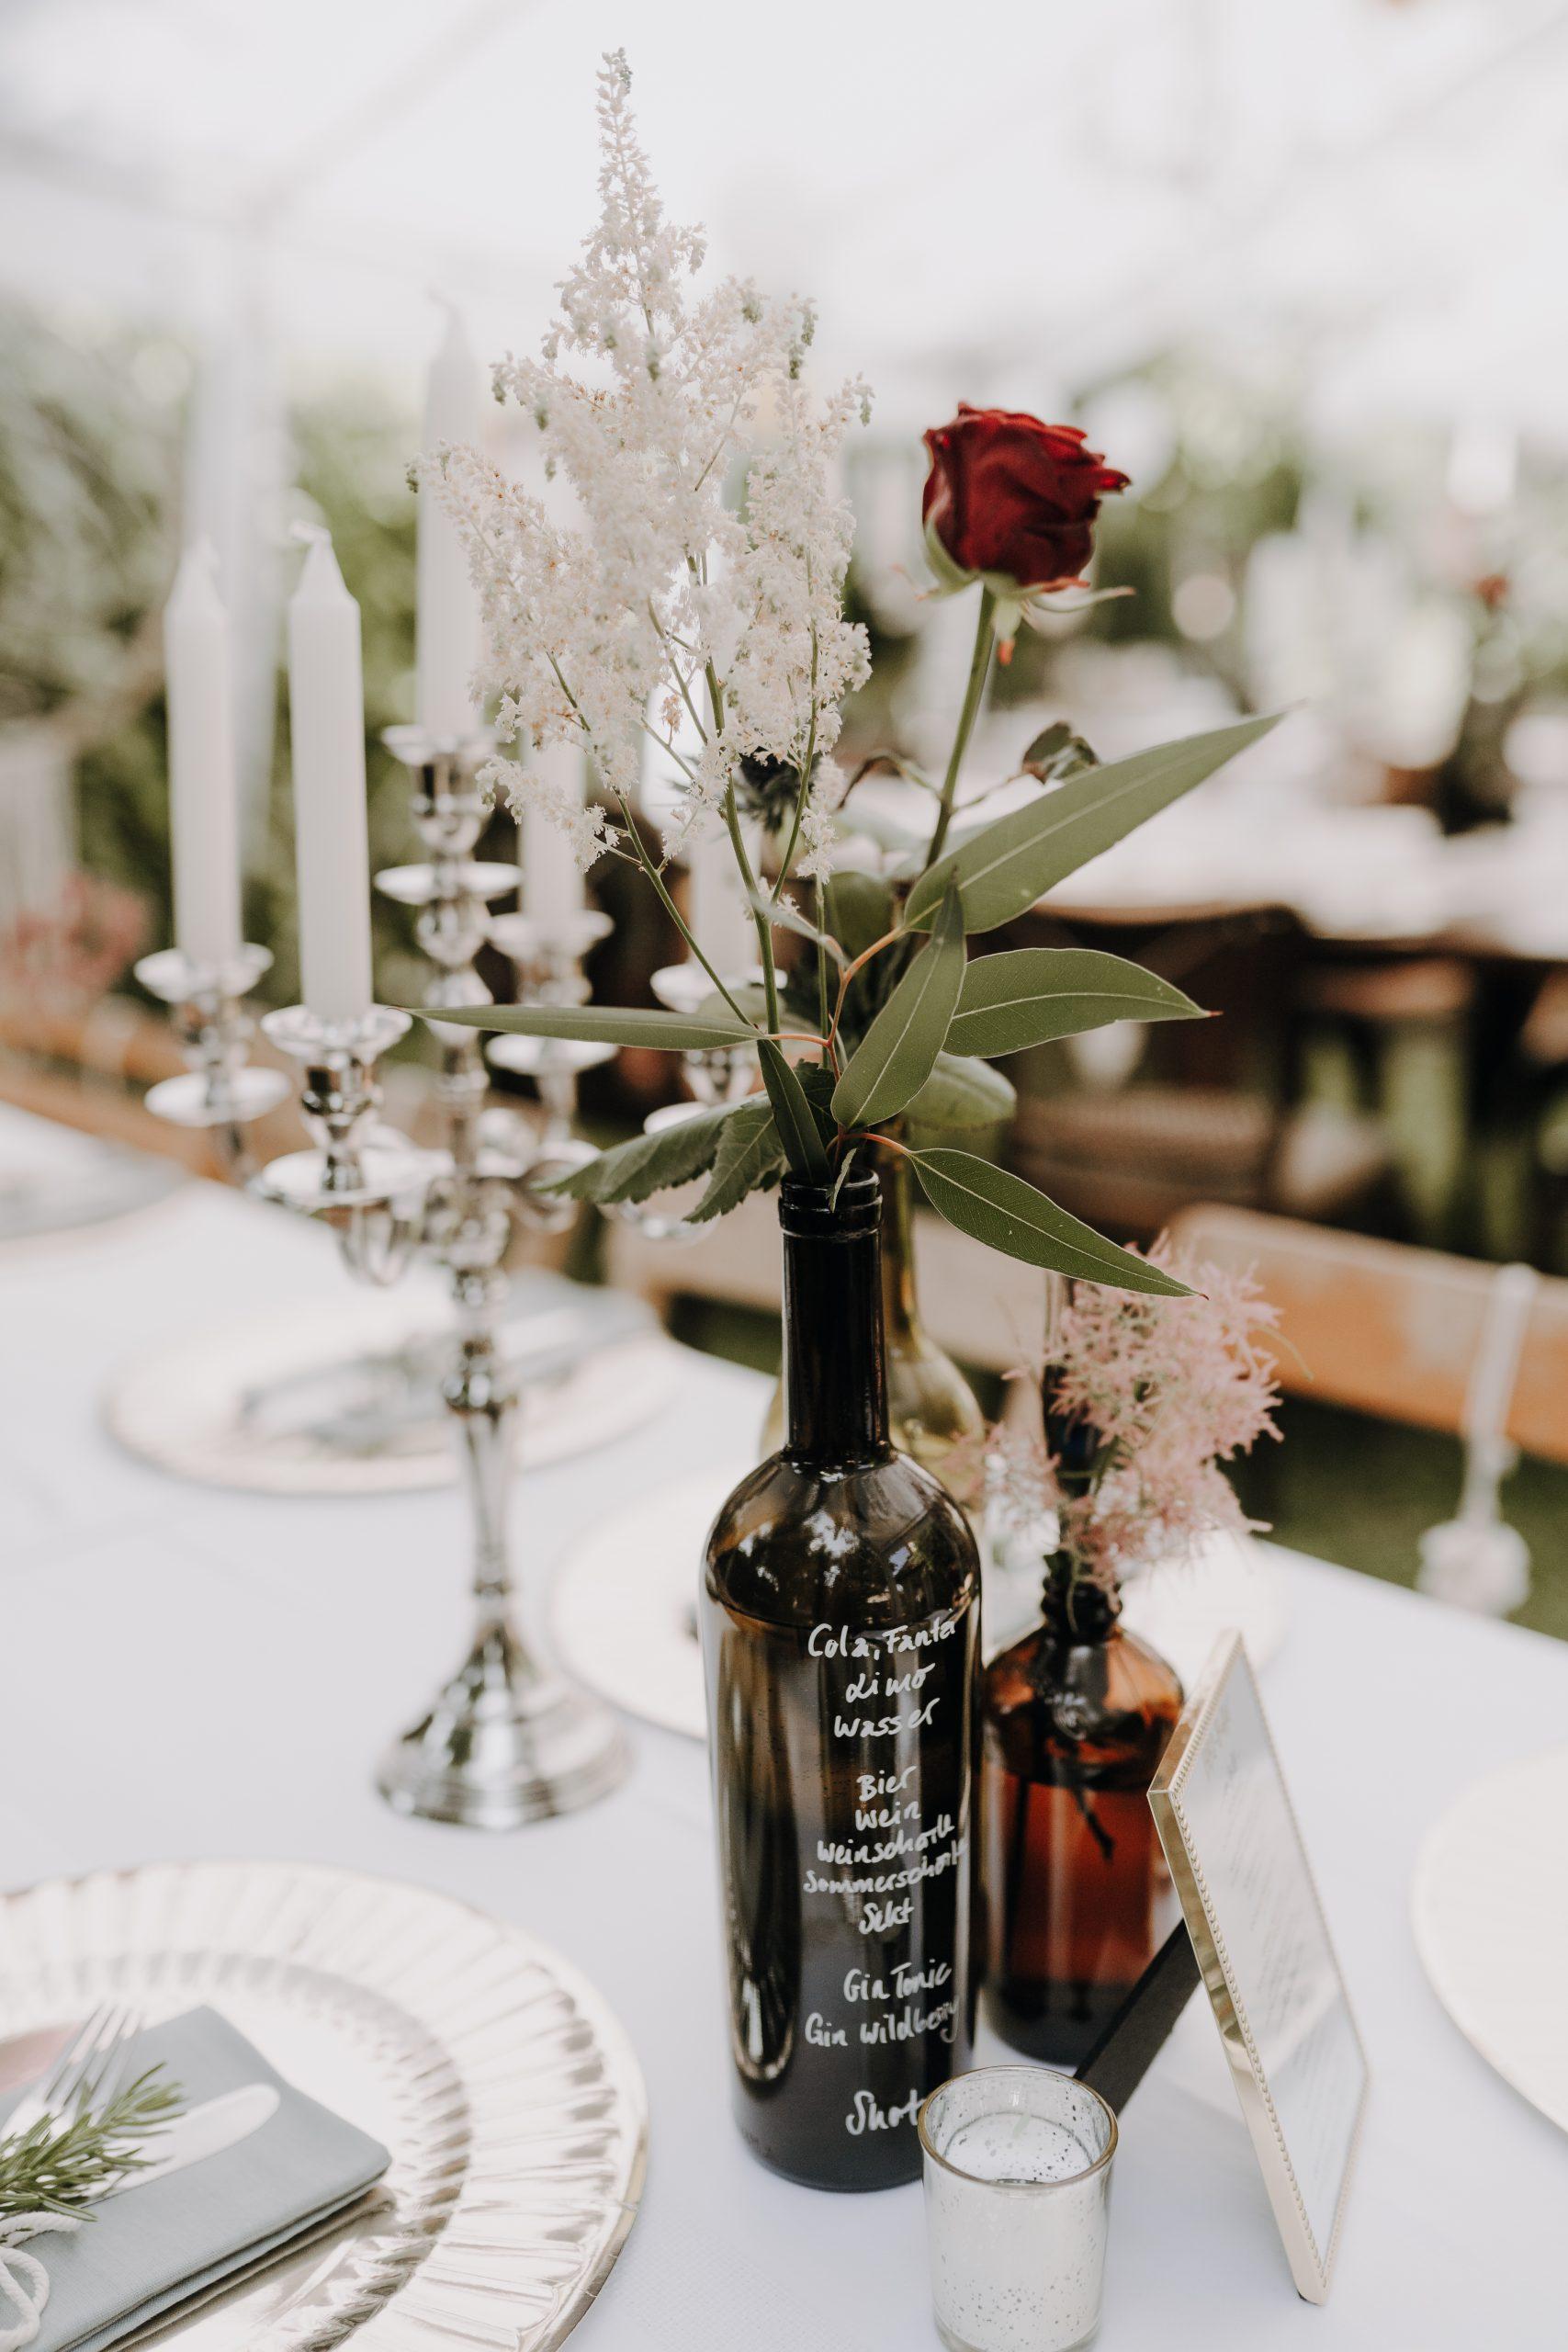 Tischdeko Hochzeit selber machen, Hochzeit im eigenen Garten, Hochzeit feiern im Zelt, Hochzeit Corona im Garten, Gartenhochzeit, Hochzeit im eigenen Garten mit Zelt